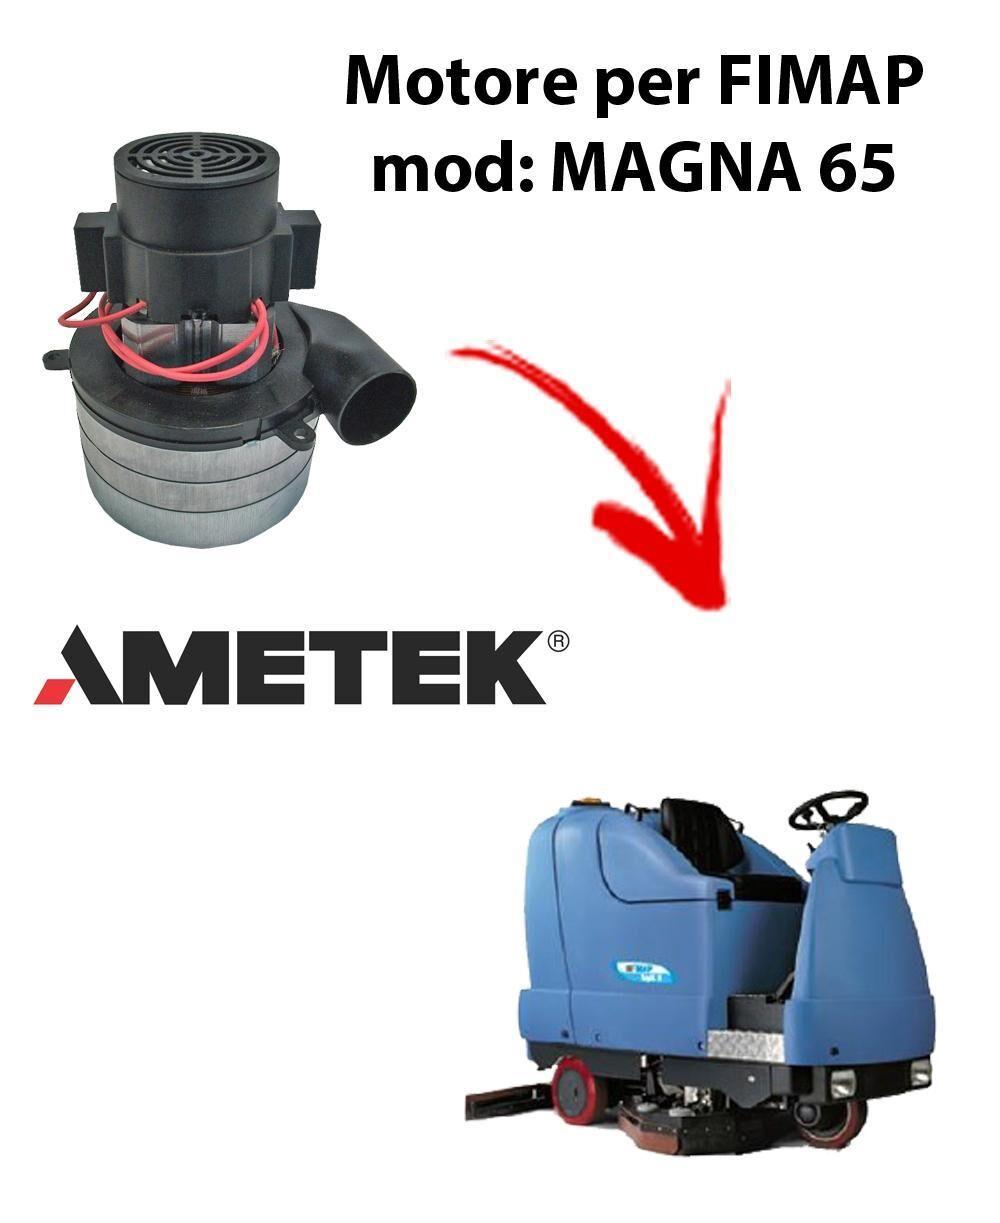 Fimap Motore aspirazione Ametek per Lavapavimenti MAGNA 65